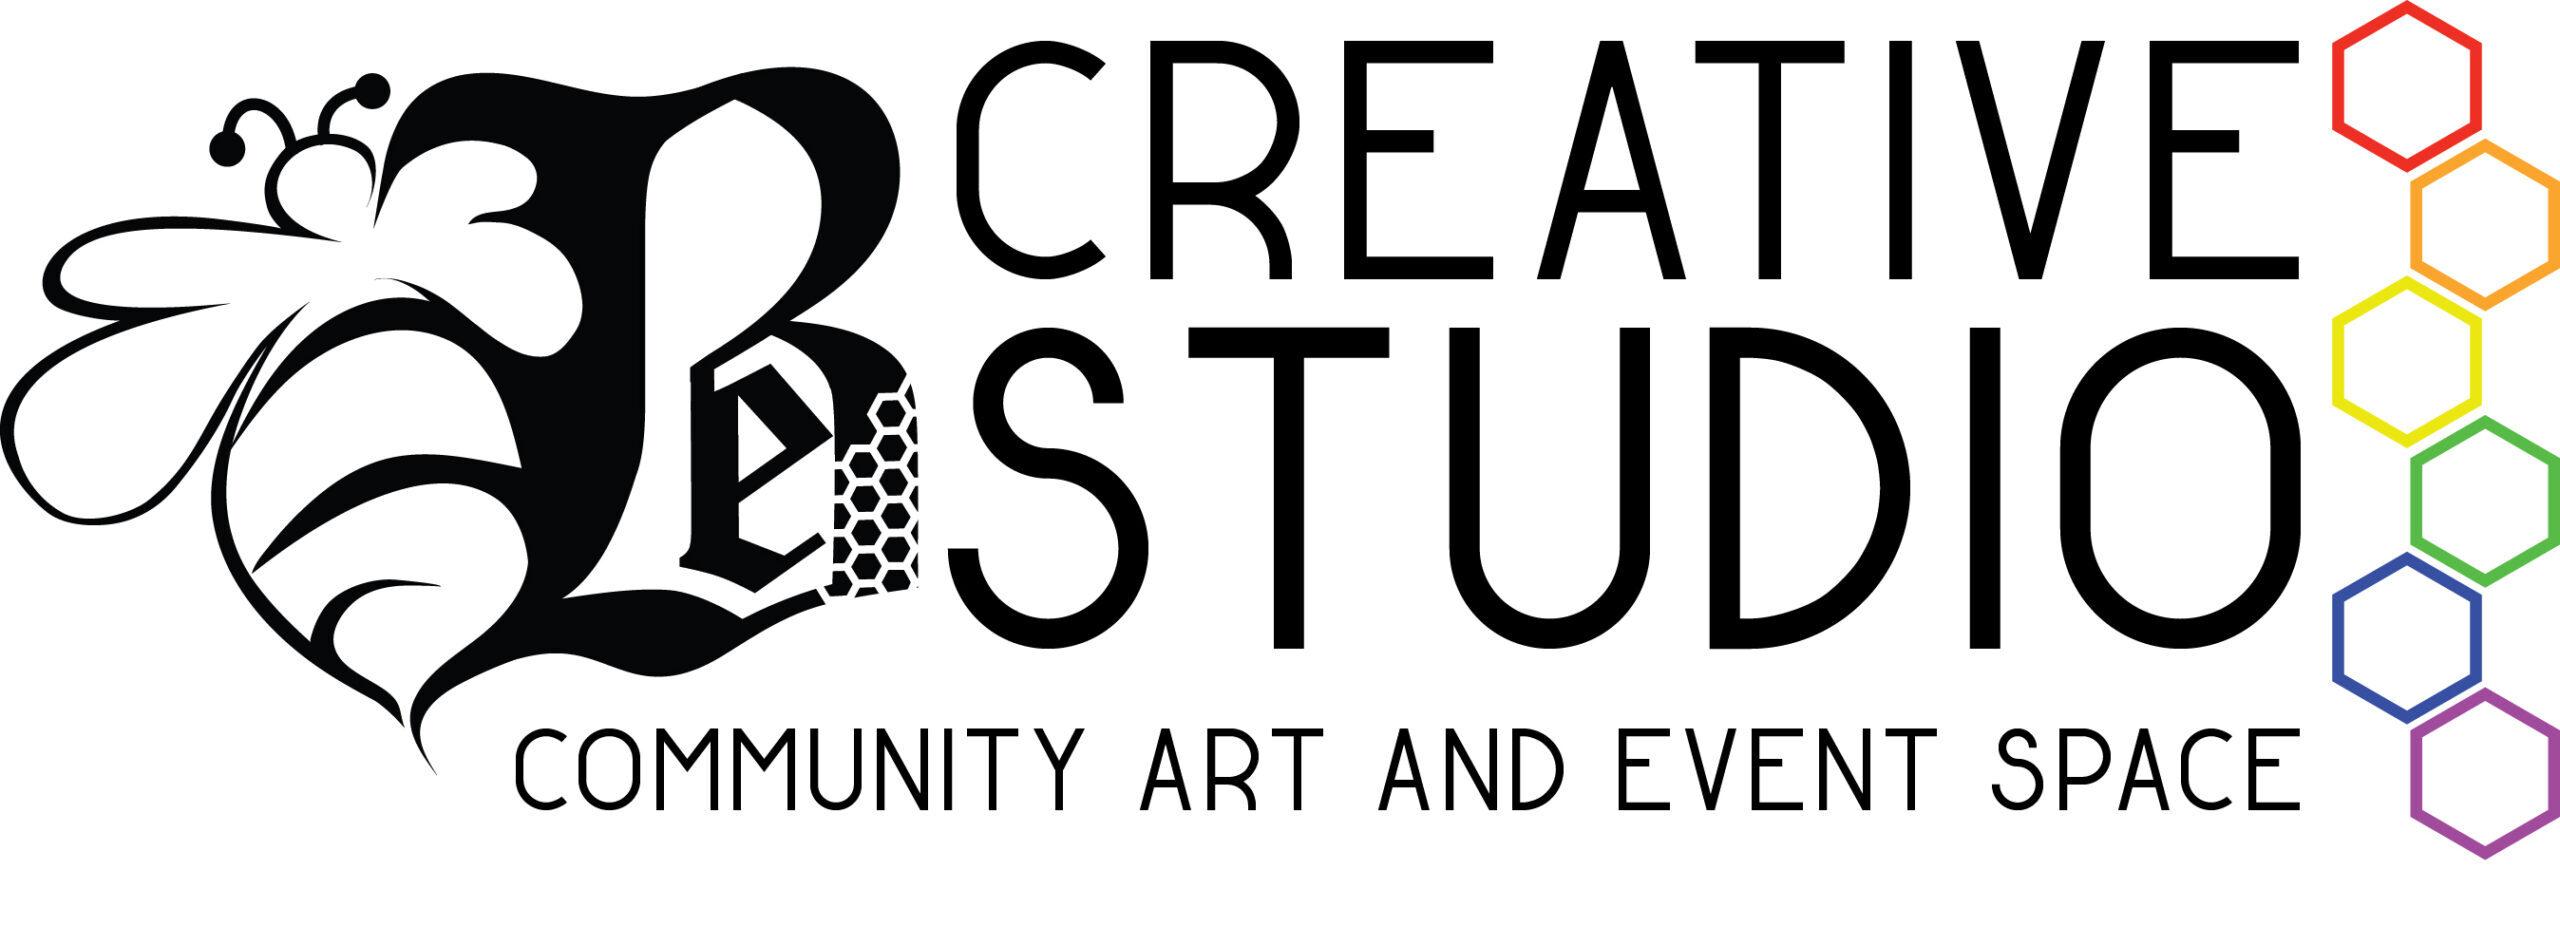 Be Creative Studio